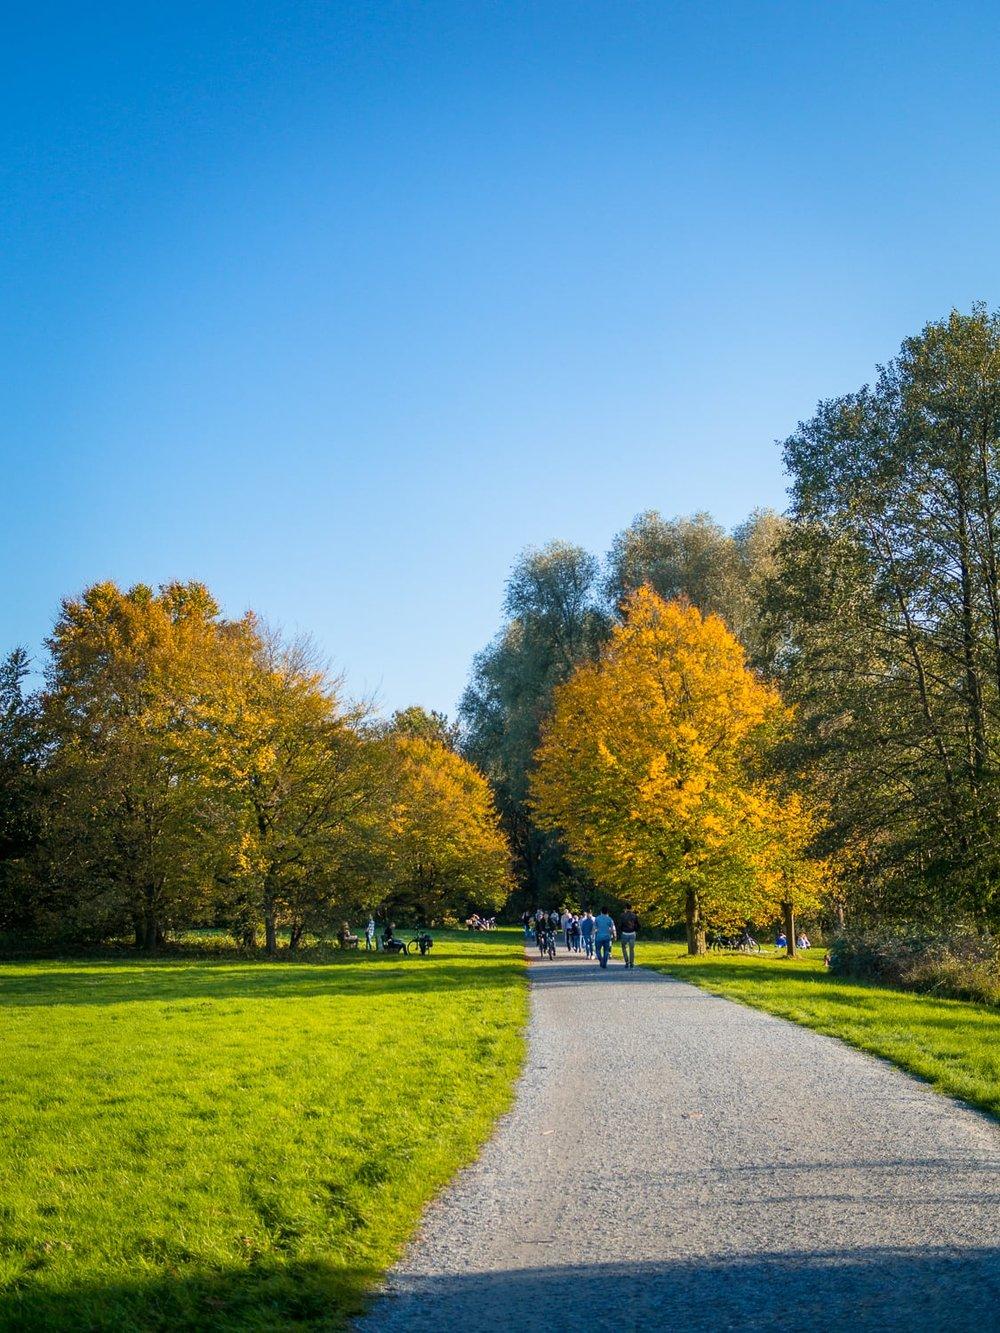 Herbstgold - Autumn Trees Leaves Bäume Blätter Herbst Gold Licht - 1649.jpg